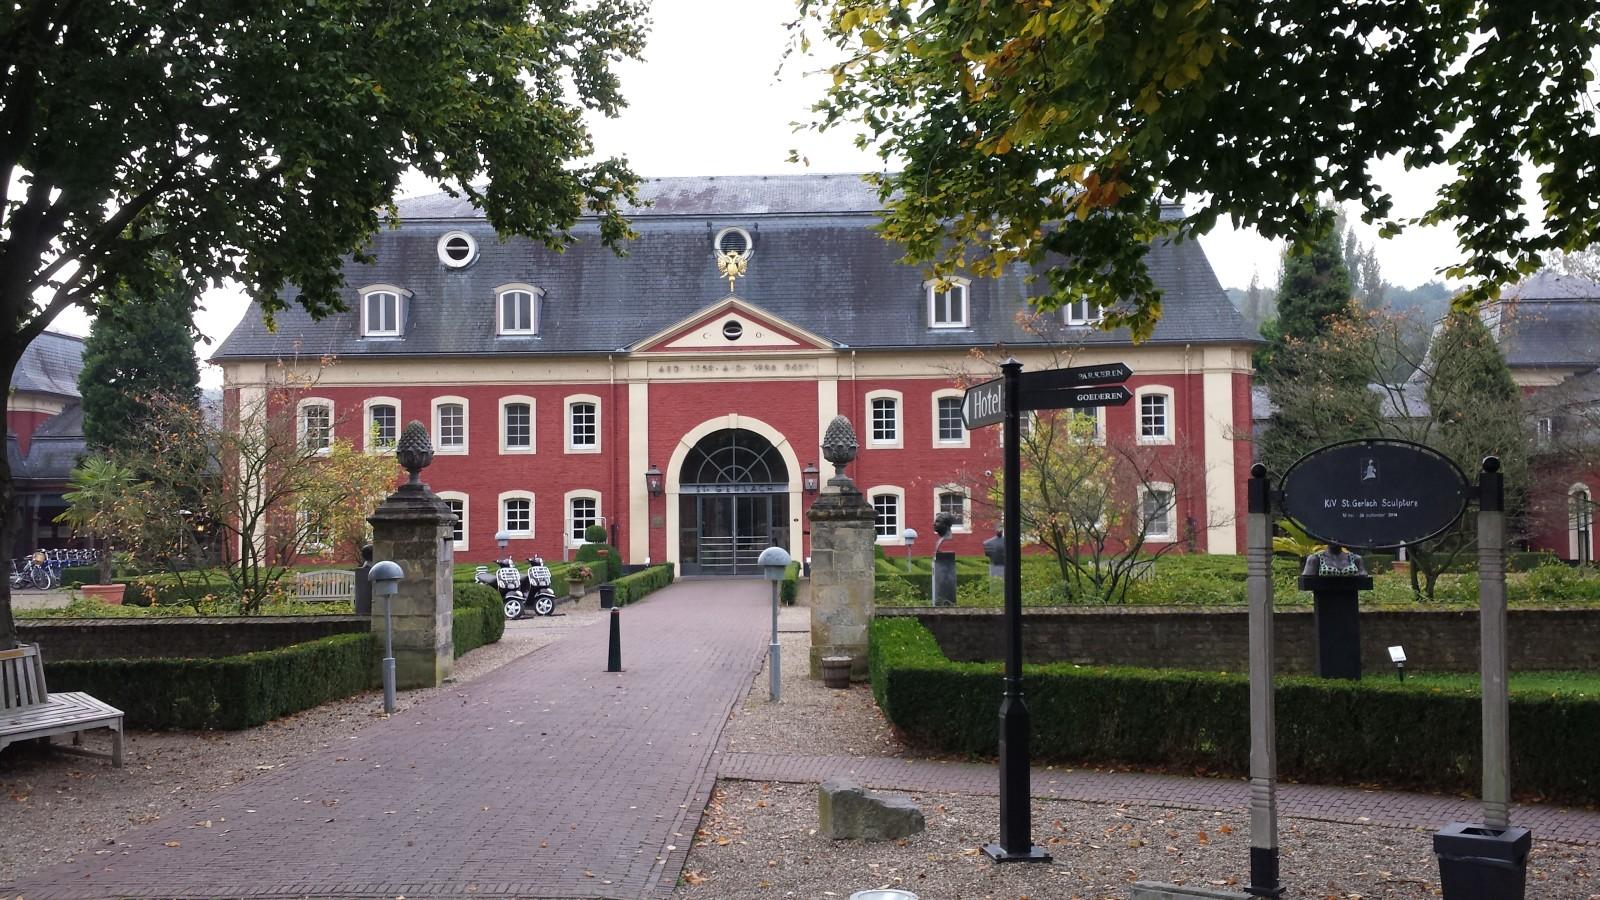 20141002_095327 Chateau St. Gerlach